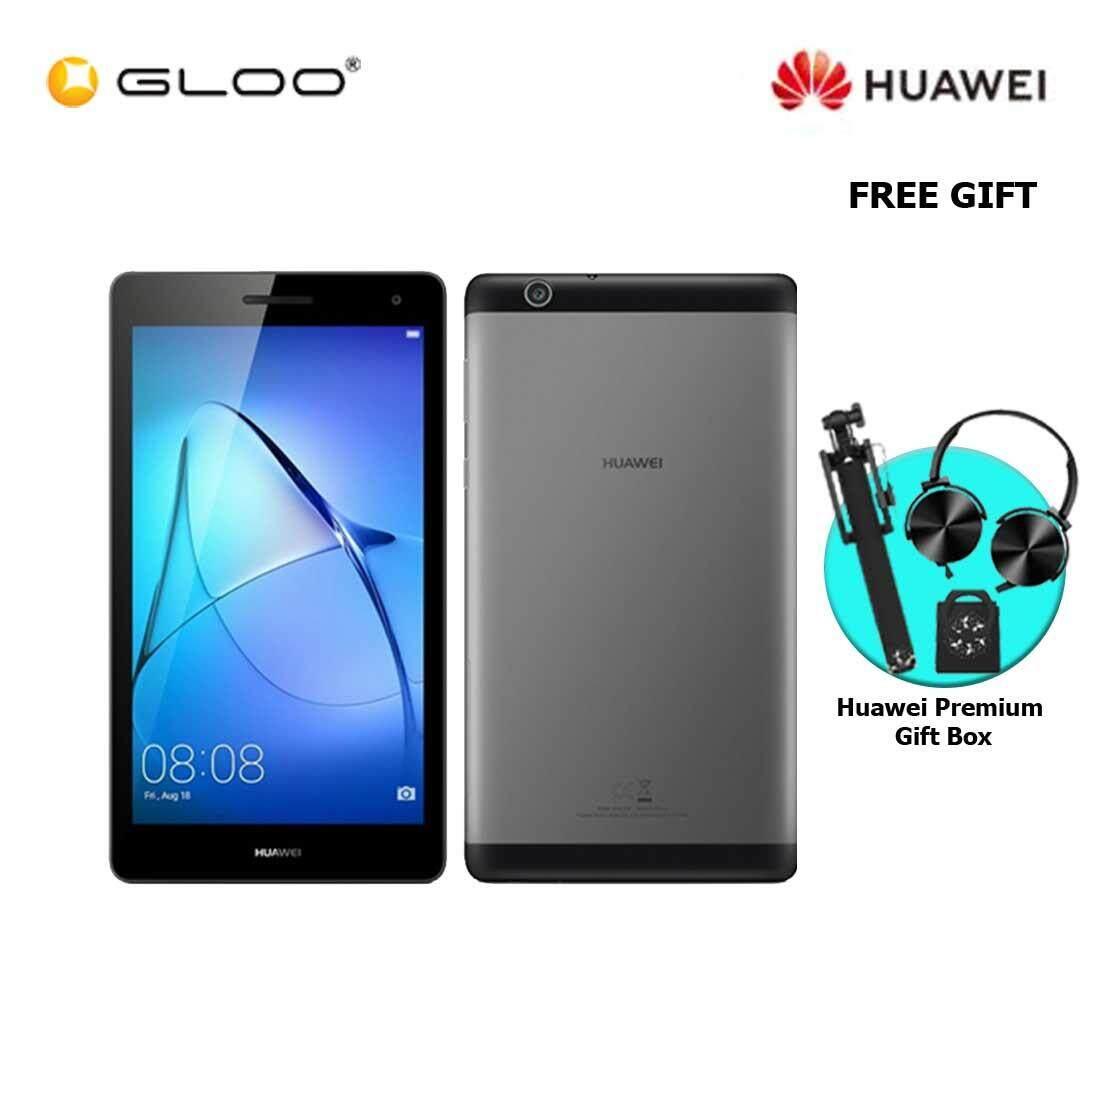 Huawei MediaPad T3 Space Gray + FREE Premium Gift Box (Headset/Selfie Stick/iRing)